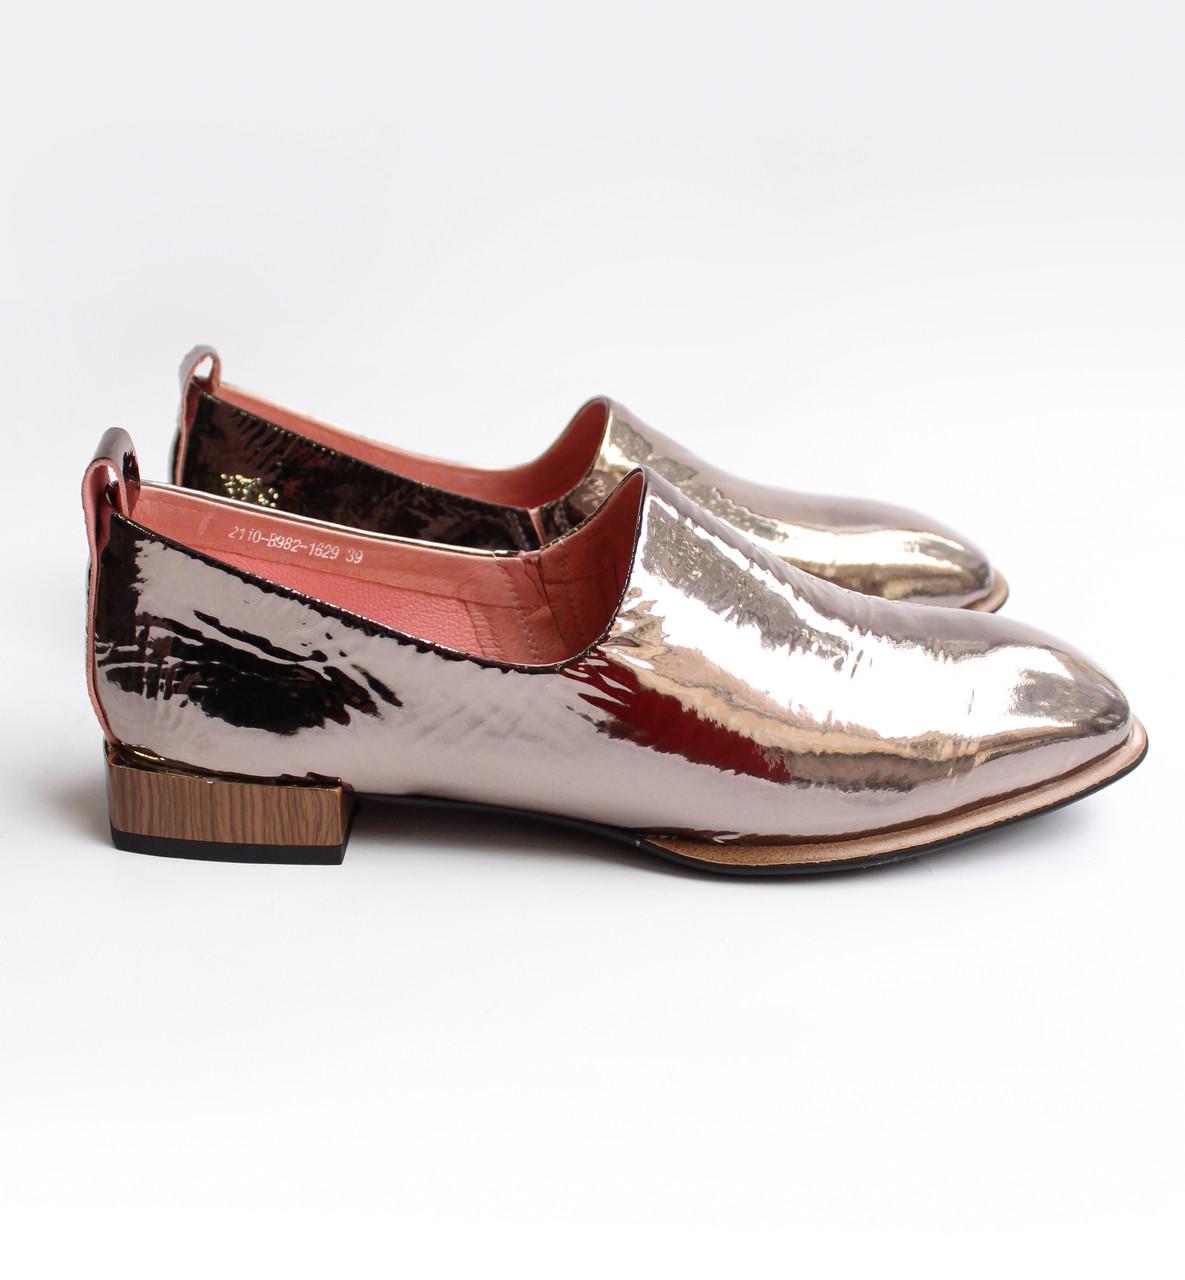 Жіночі шкіряні туфлі золотисті